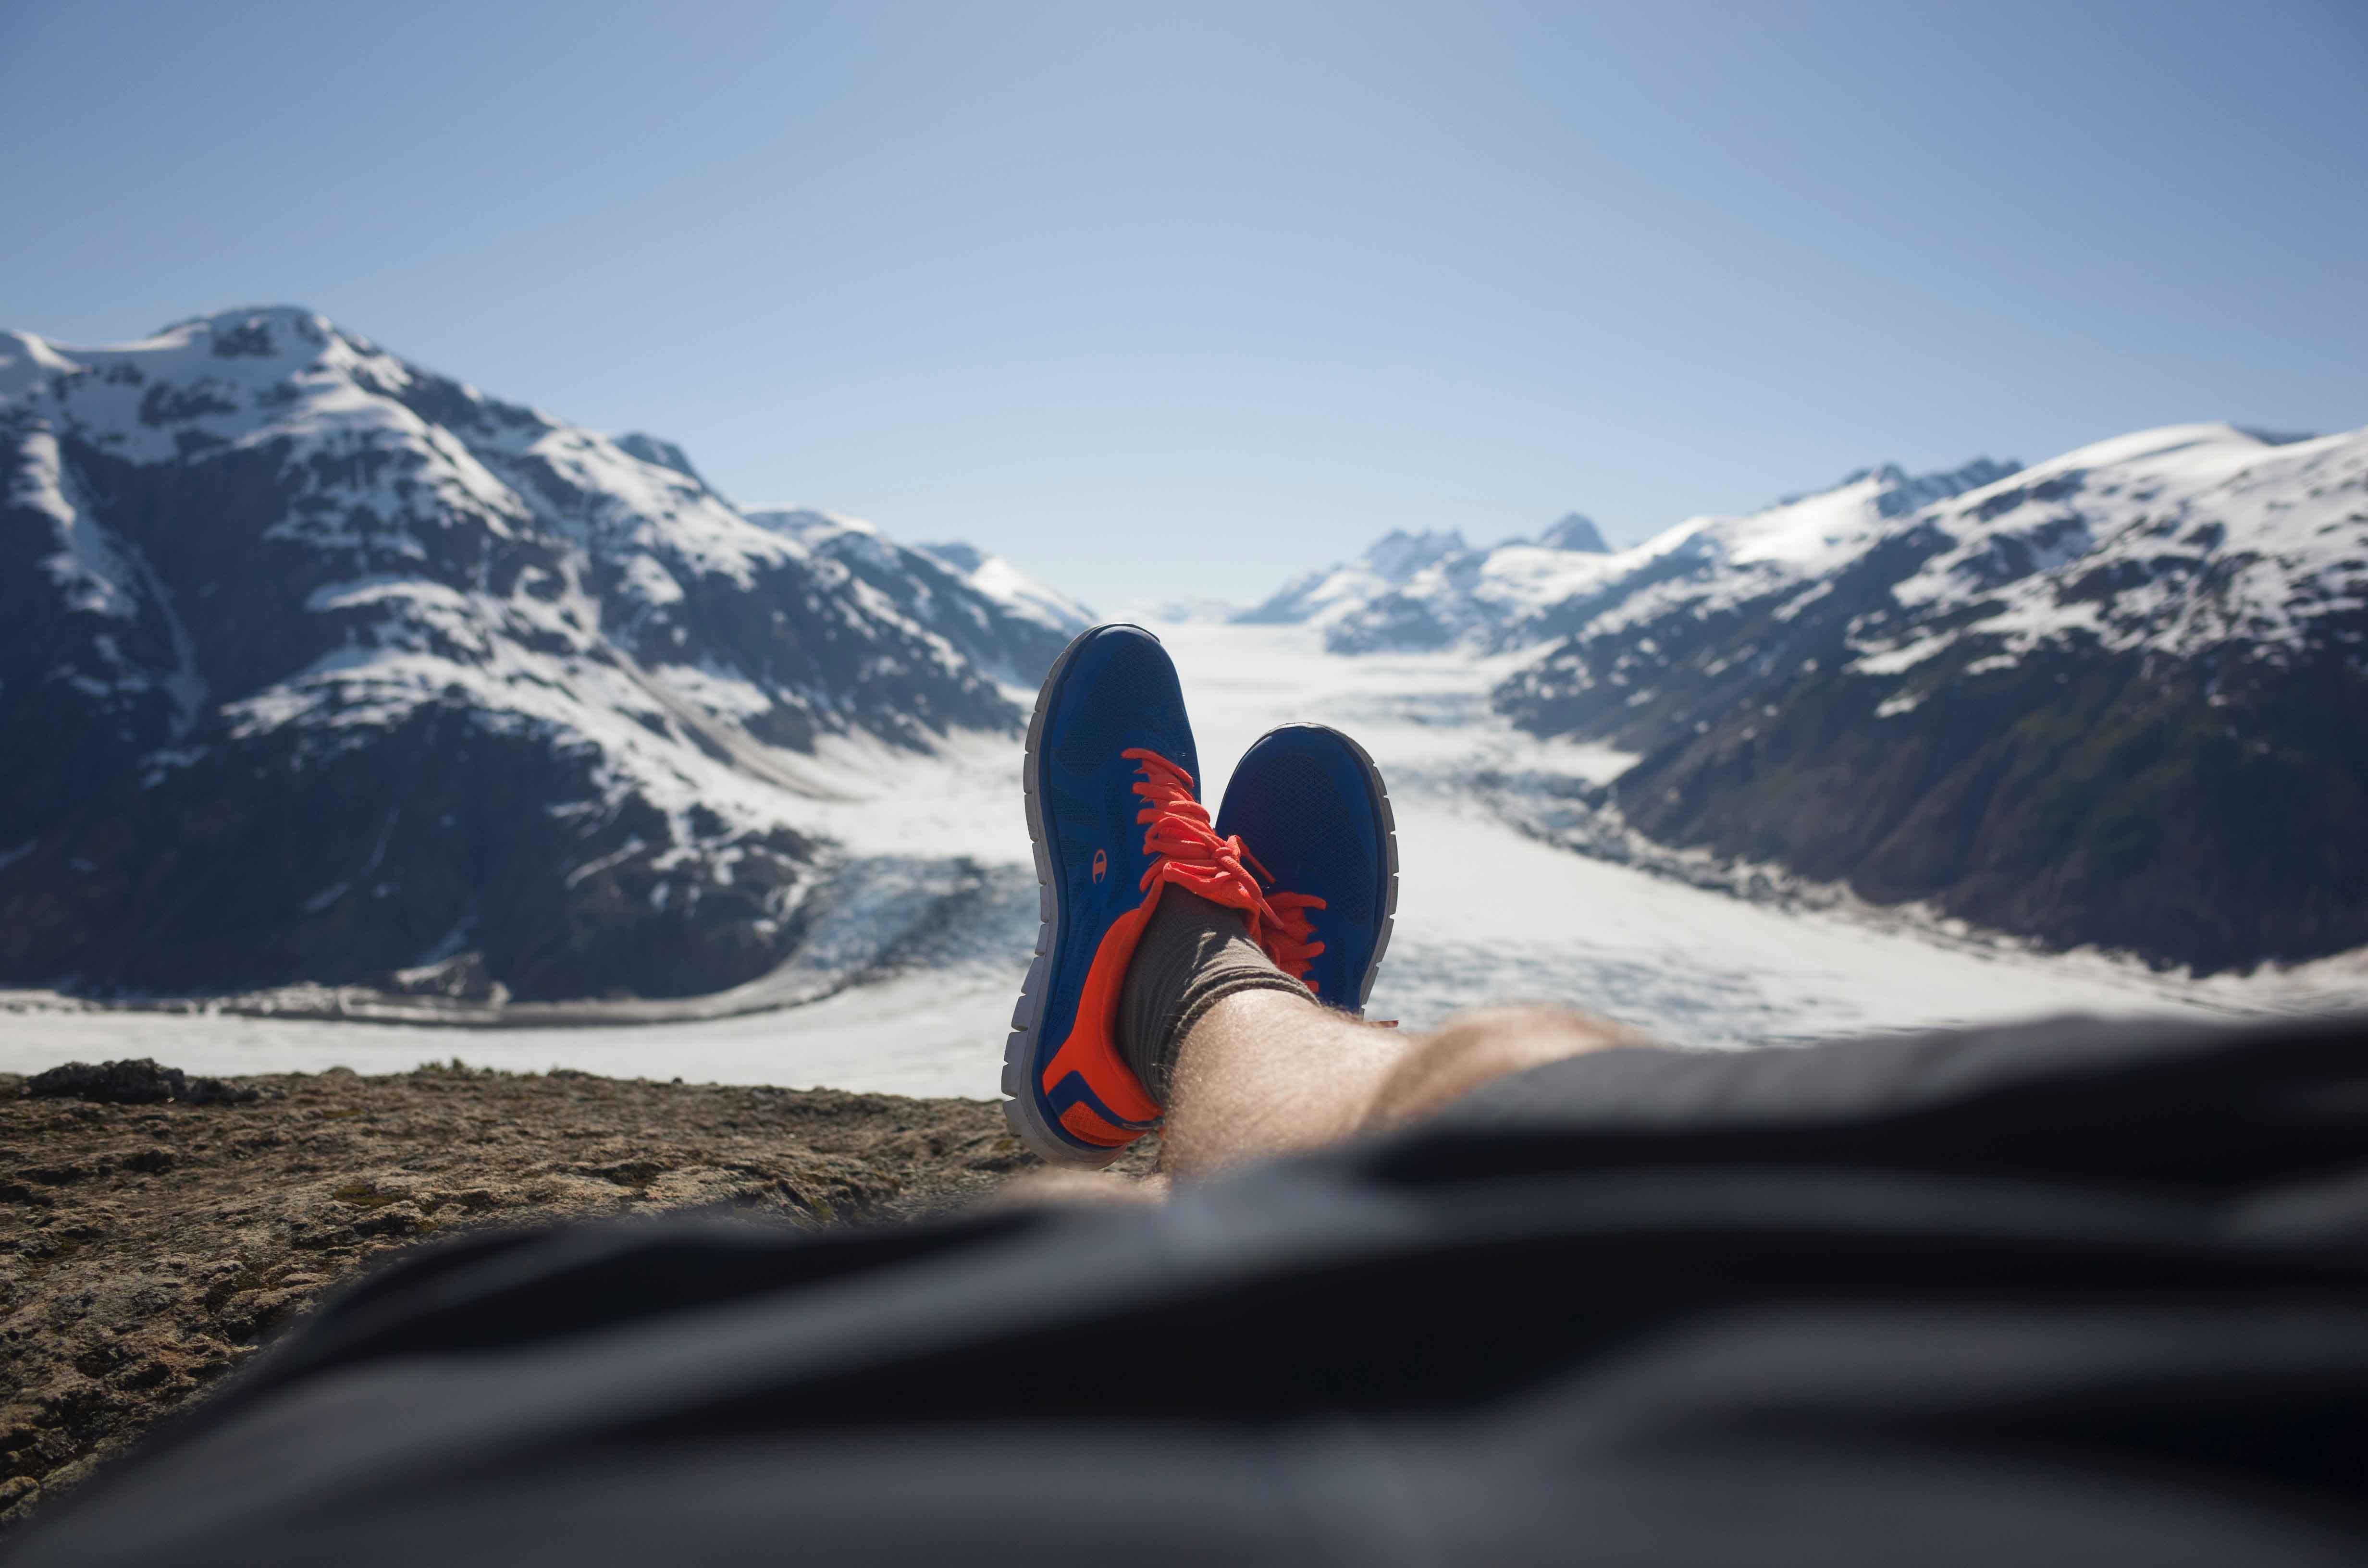 pies con zapatillas en una montaña